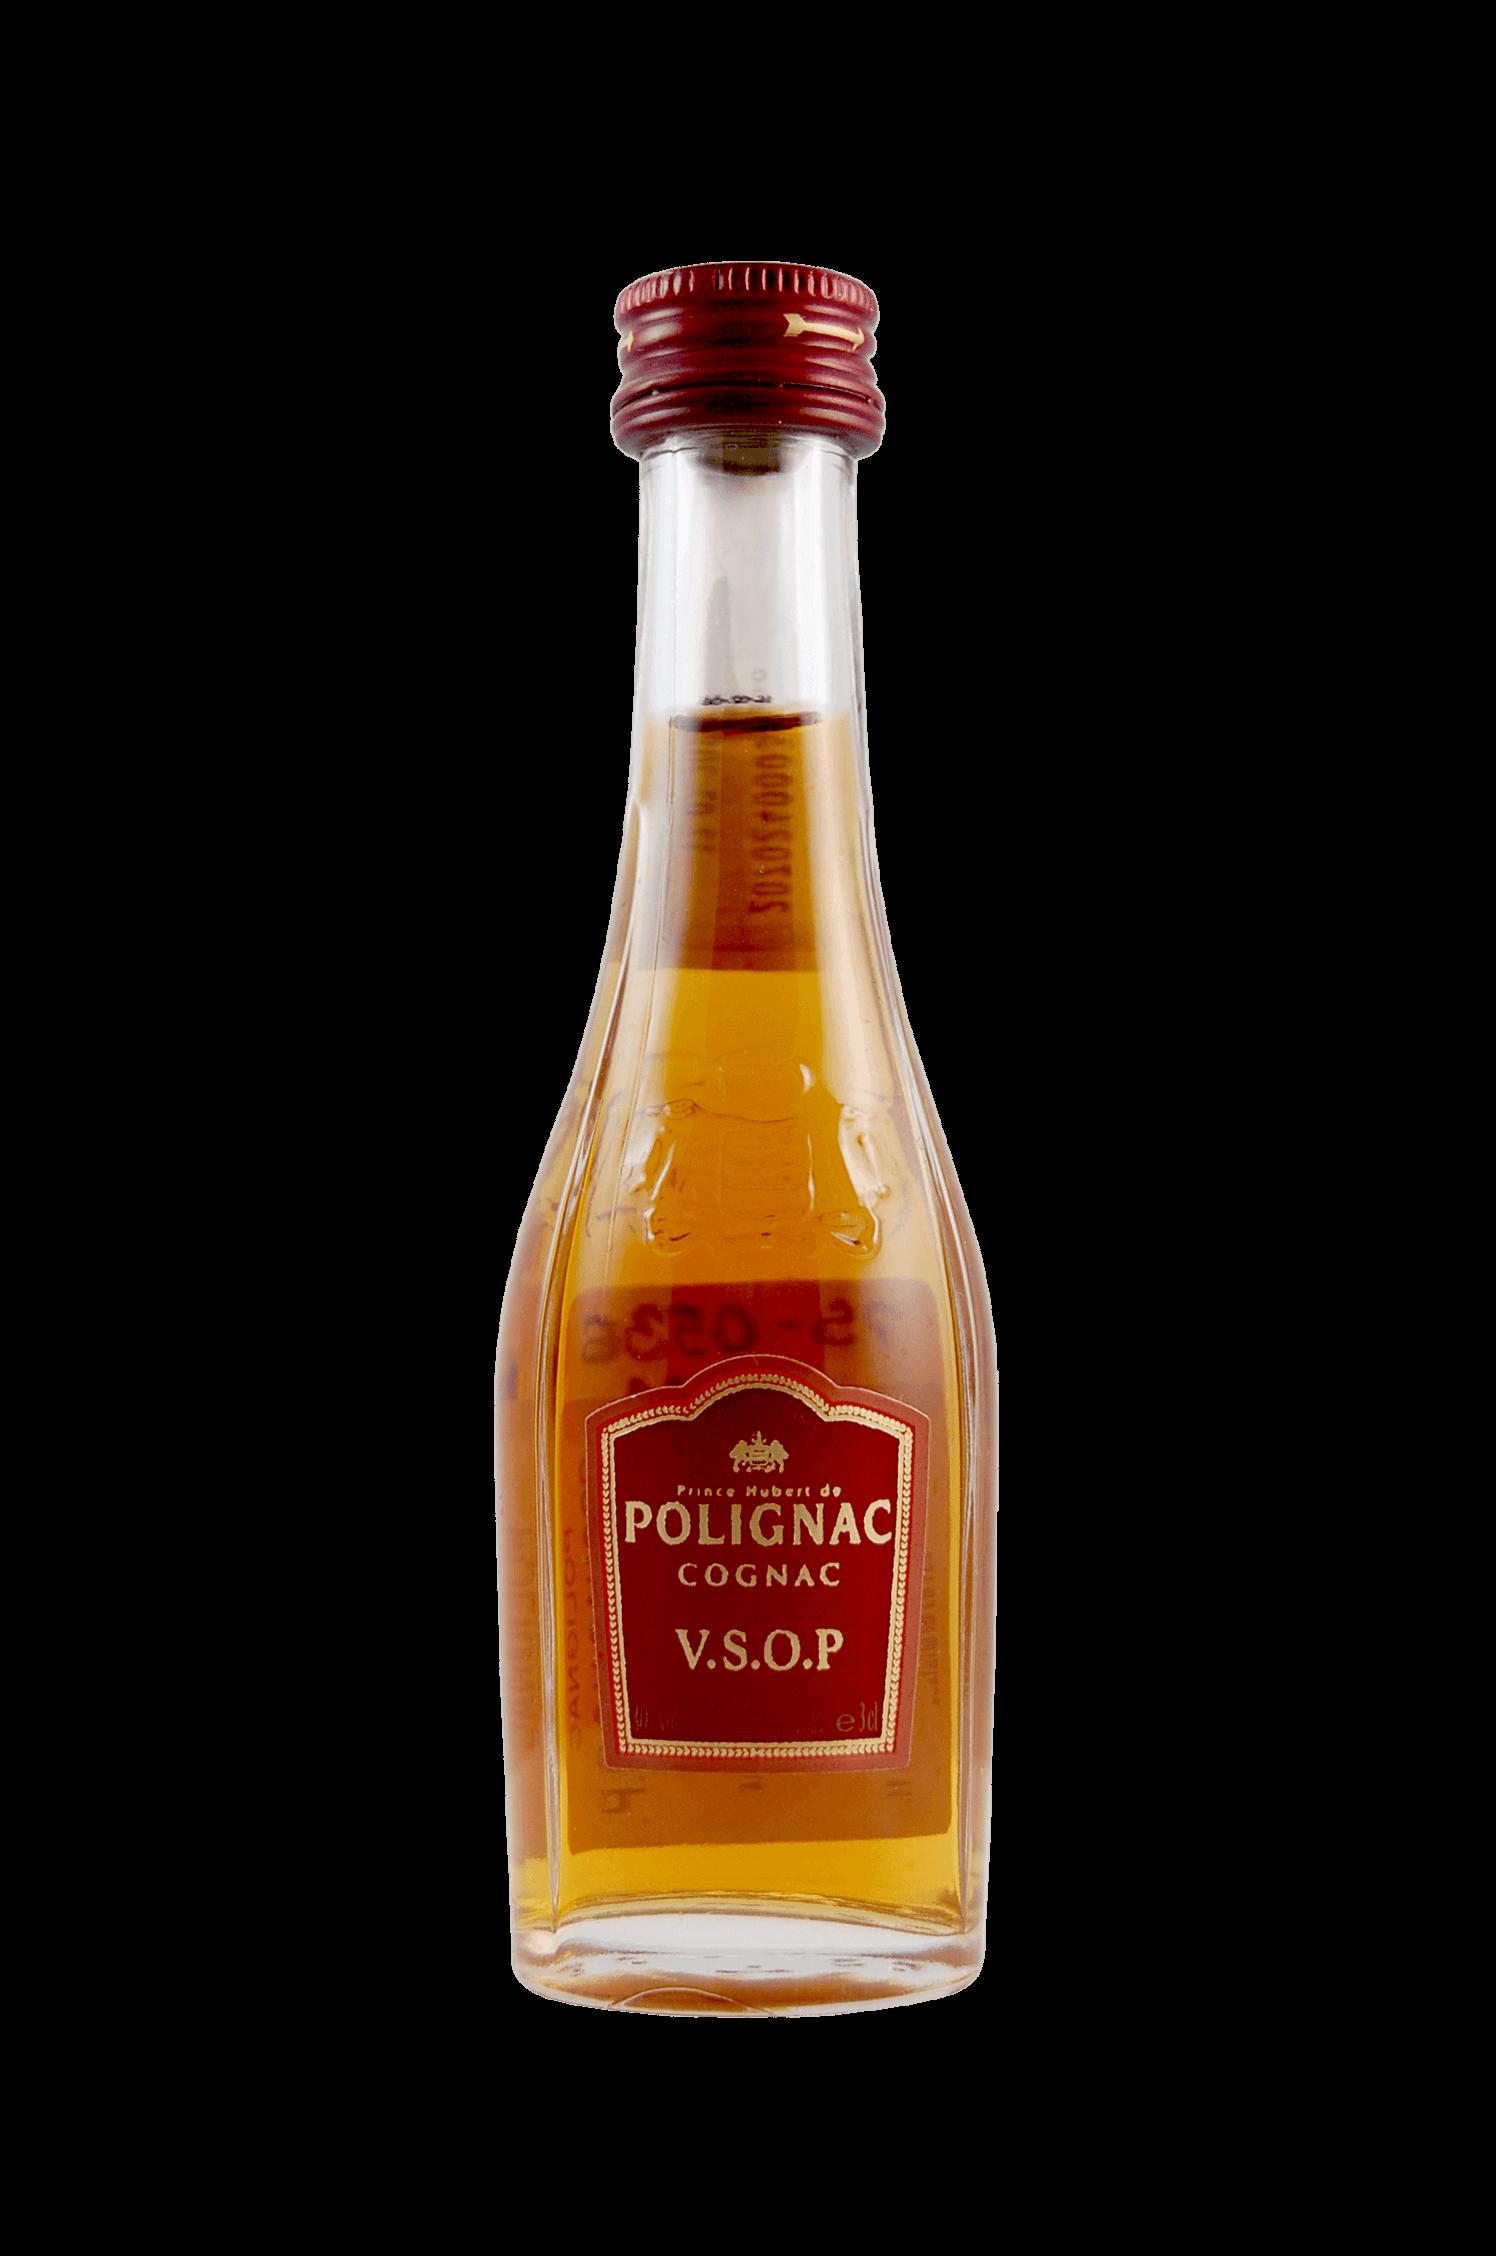 Polignac Cognac V.S.O.P.